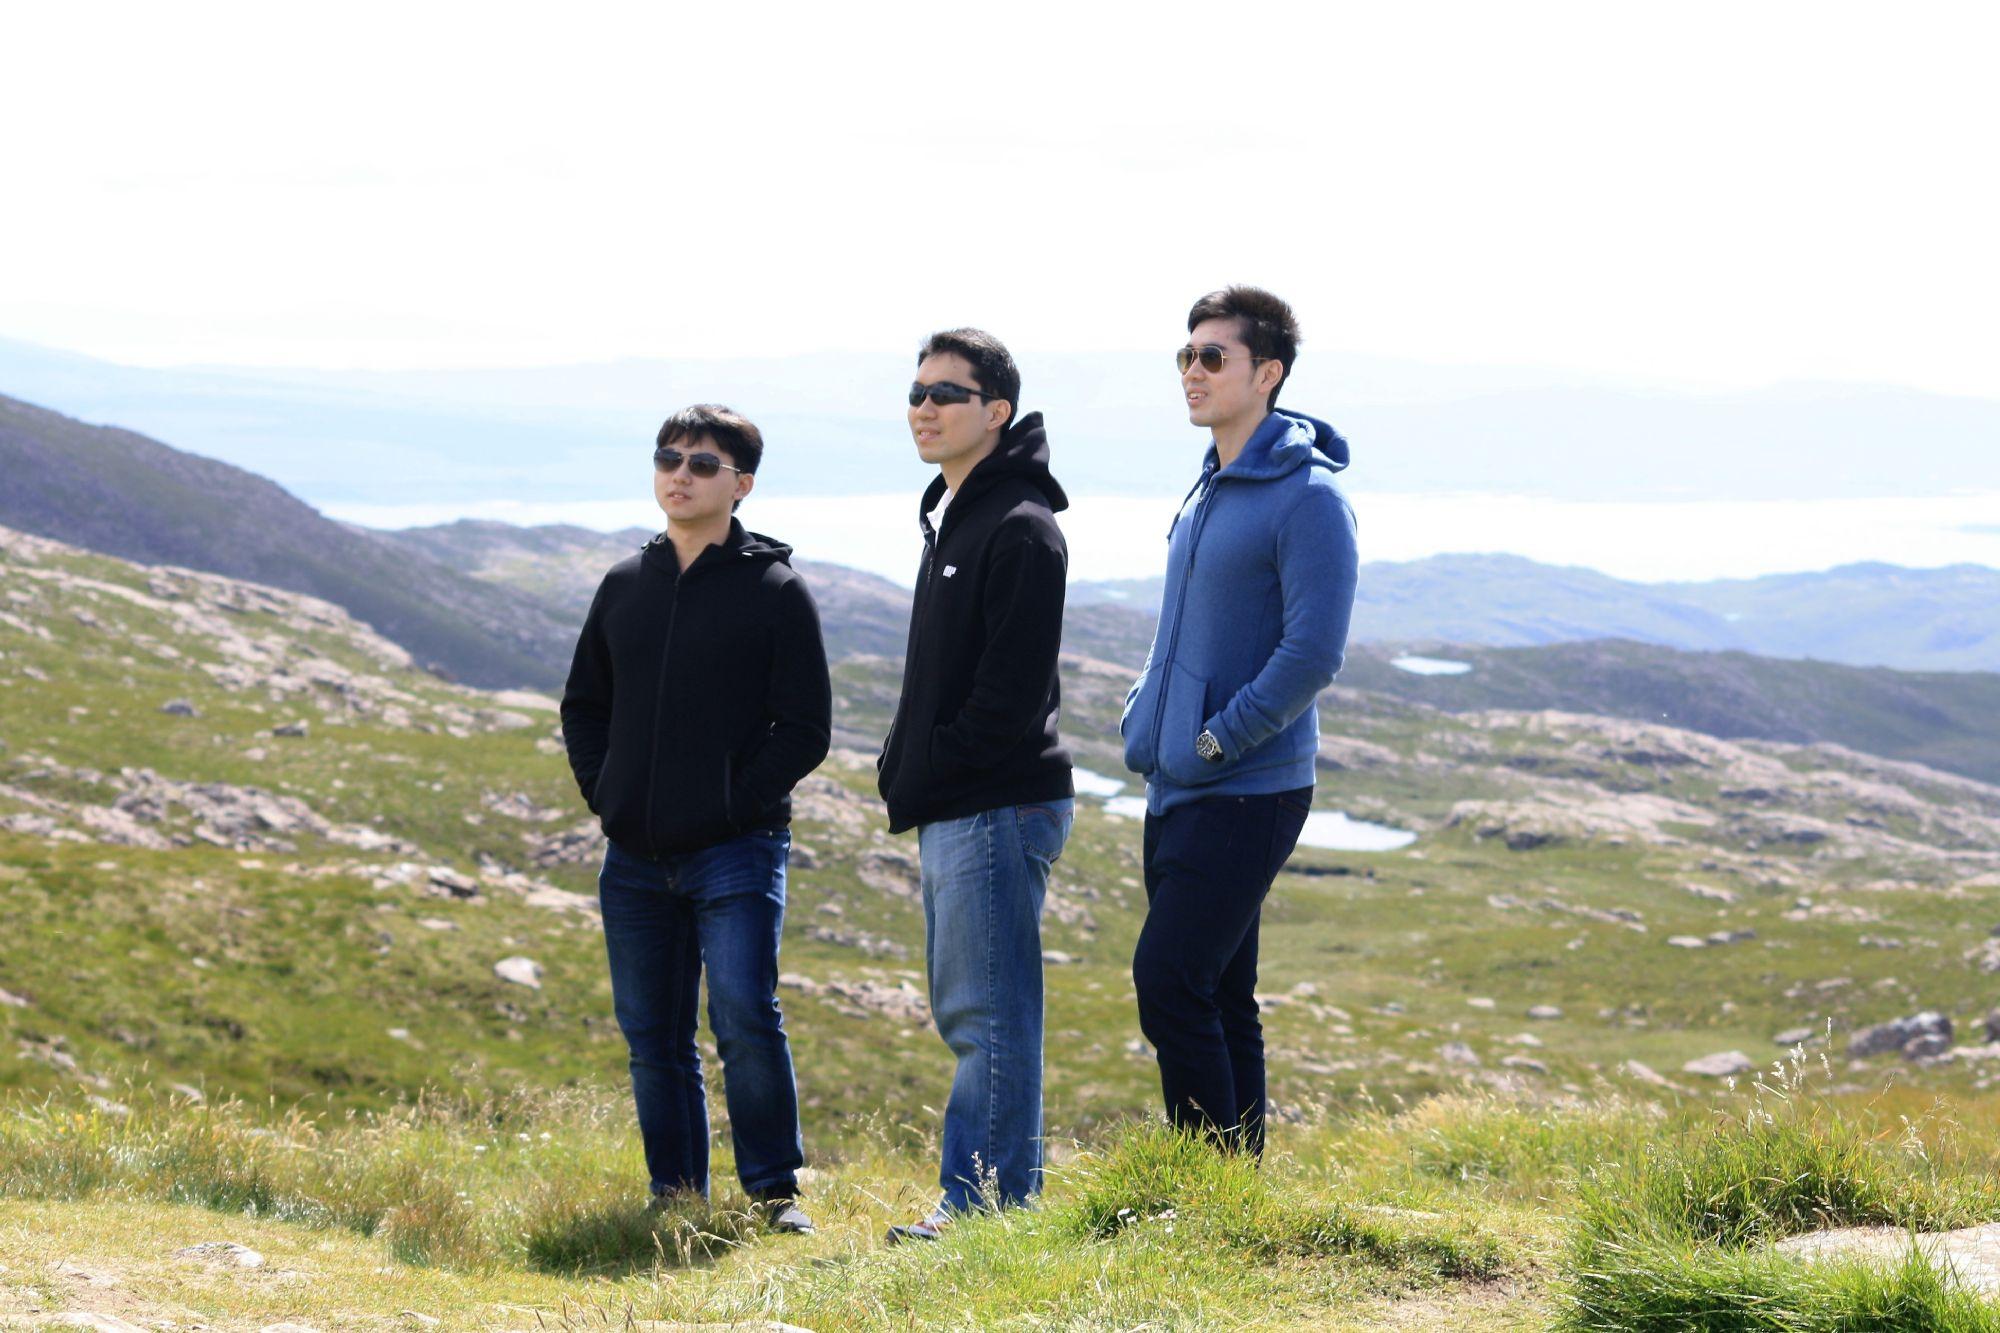 3 cool dudes